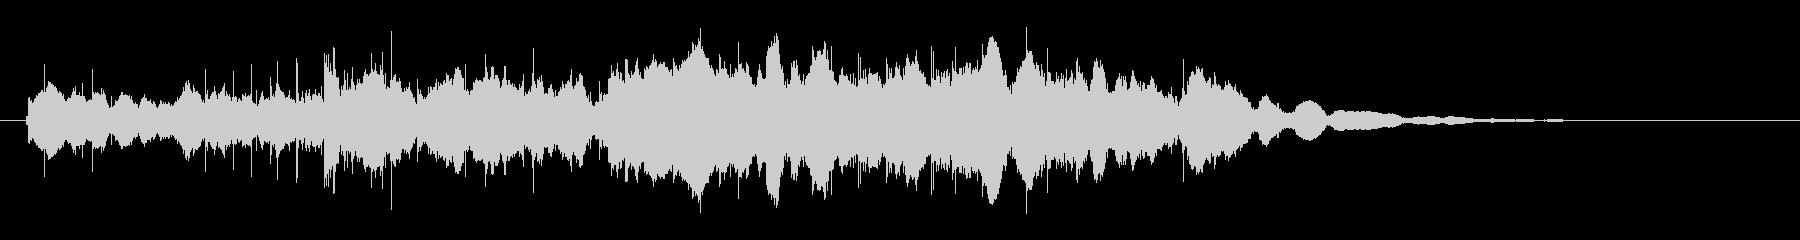 素材 グロッケンシュピールダークト...の未再生の波形